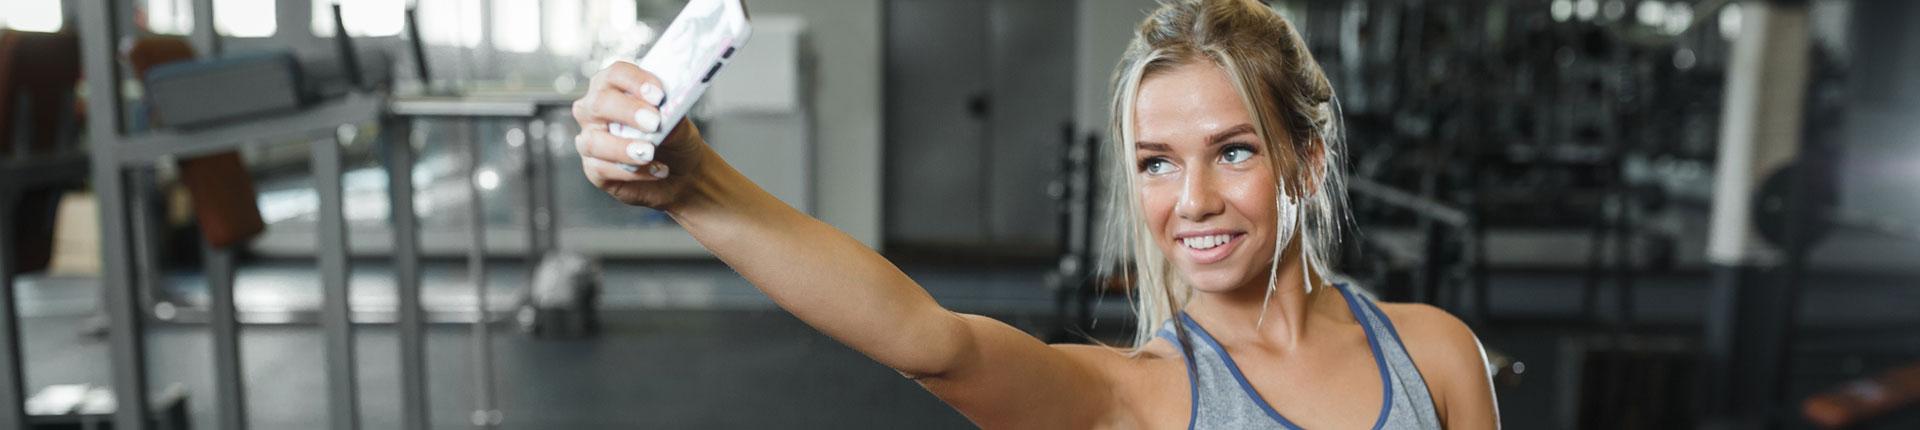 Siłownia i selfie - czy to tylko próżność?